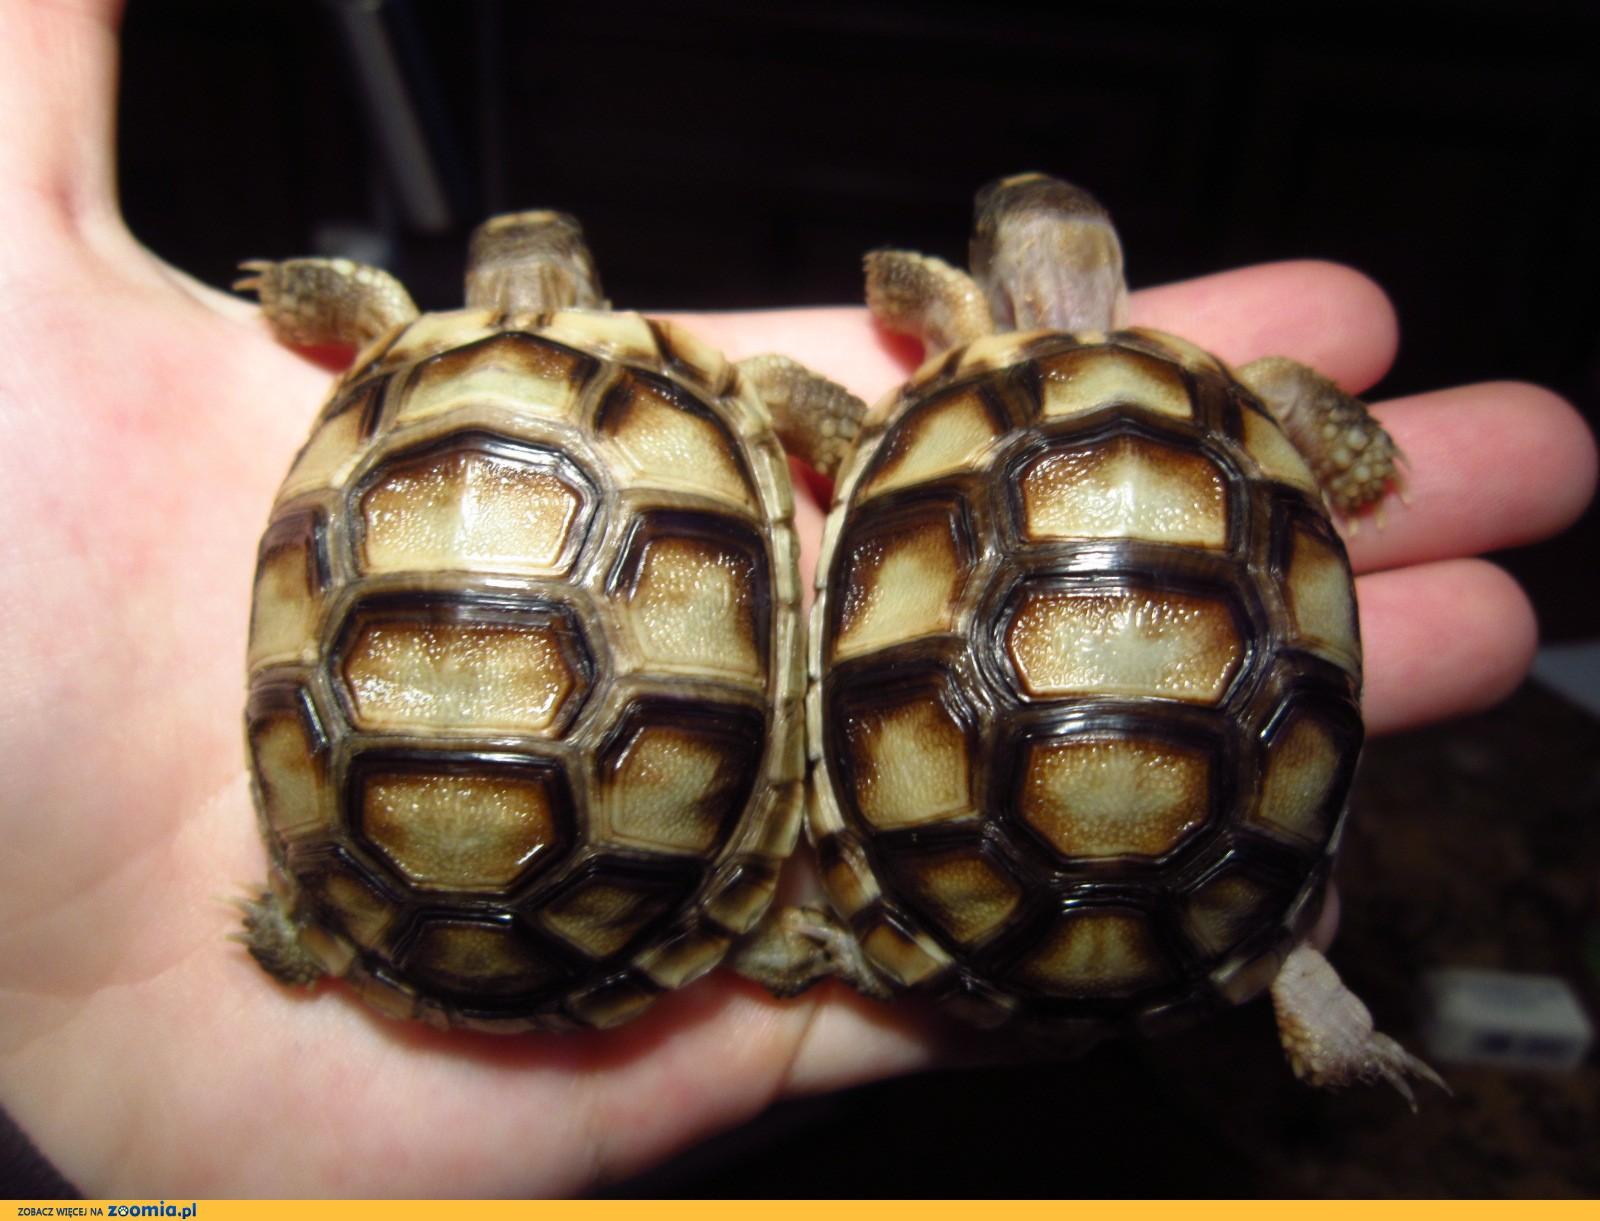 Żółw obrzeżony, żółwie Testudo marginata - maleńkie żółwiki!